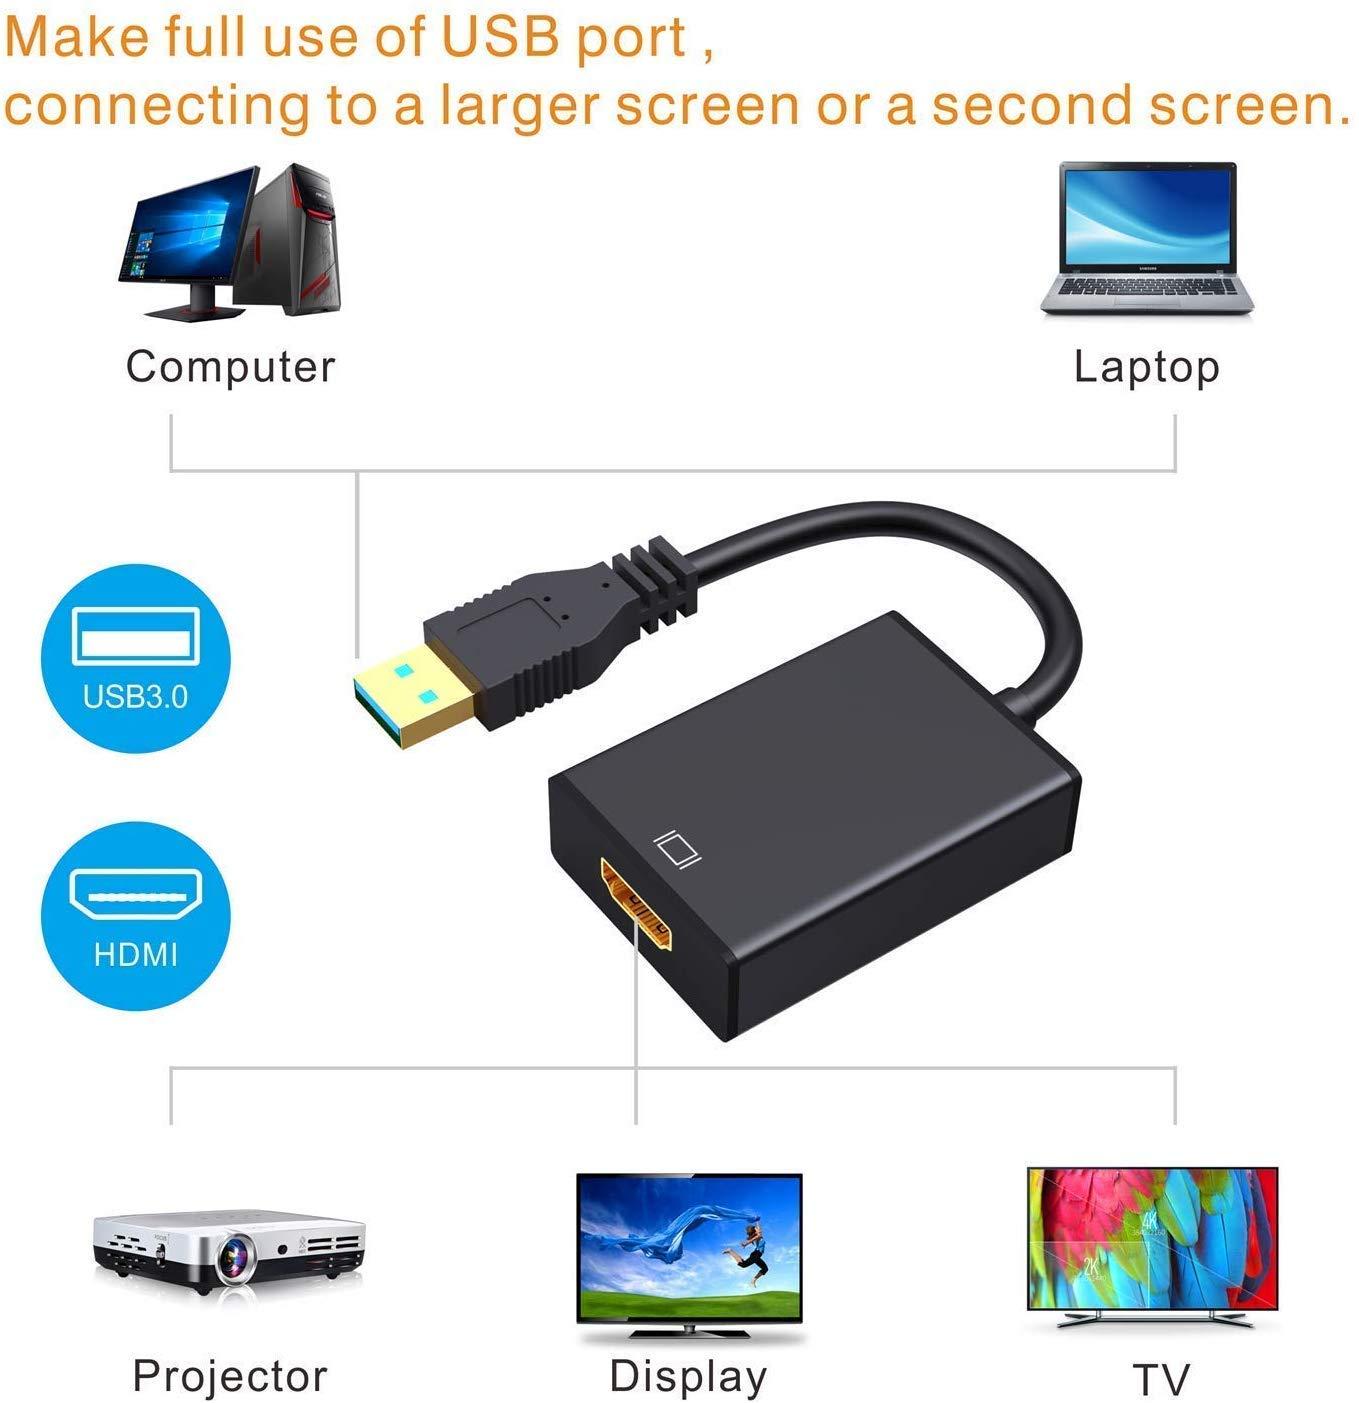 Bukeer - Adaptador USB a HDMI, USB 3.0/2.0 a HDMI 1080P Video Graphics Cable Convertidor con Audio para PC Laptop Proyector HDTV Compatible con Windows XP 7/8/8.1/10: Amazon.es: Electrónica